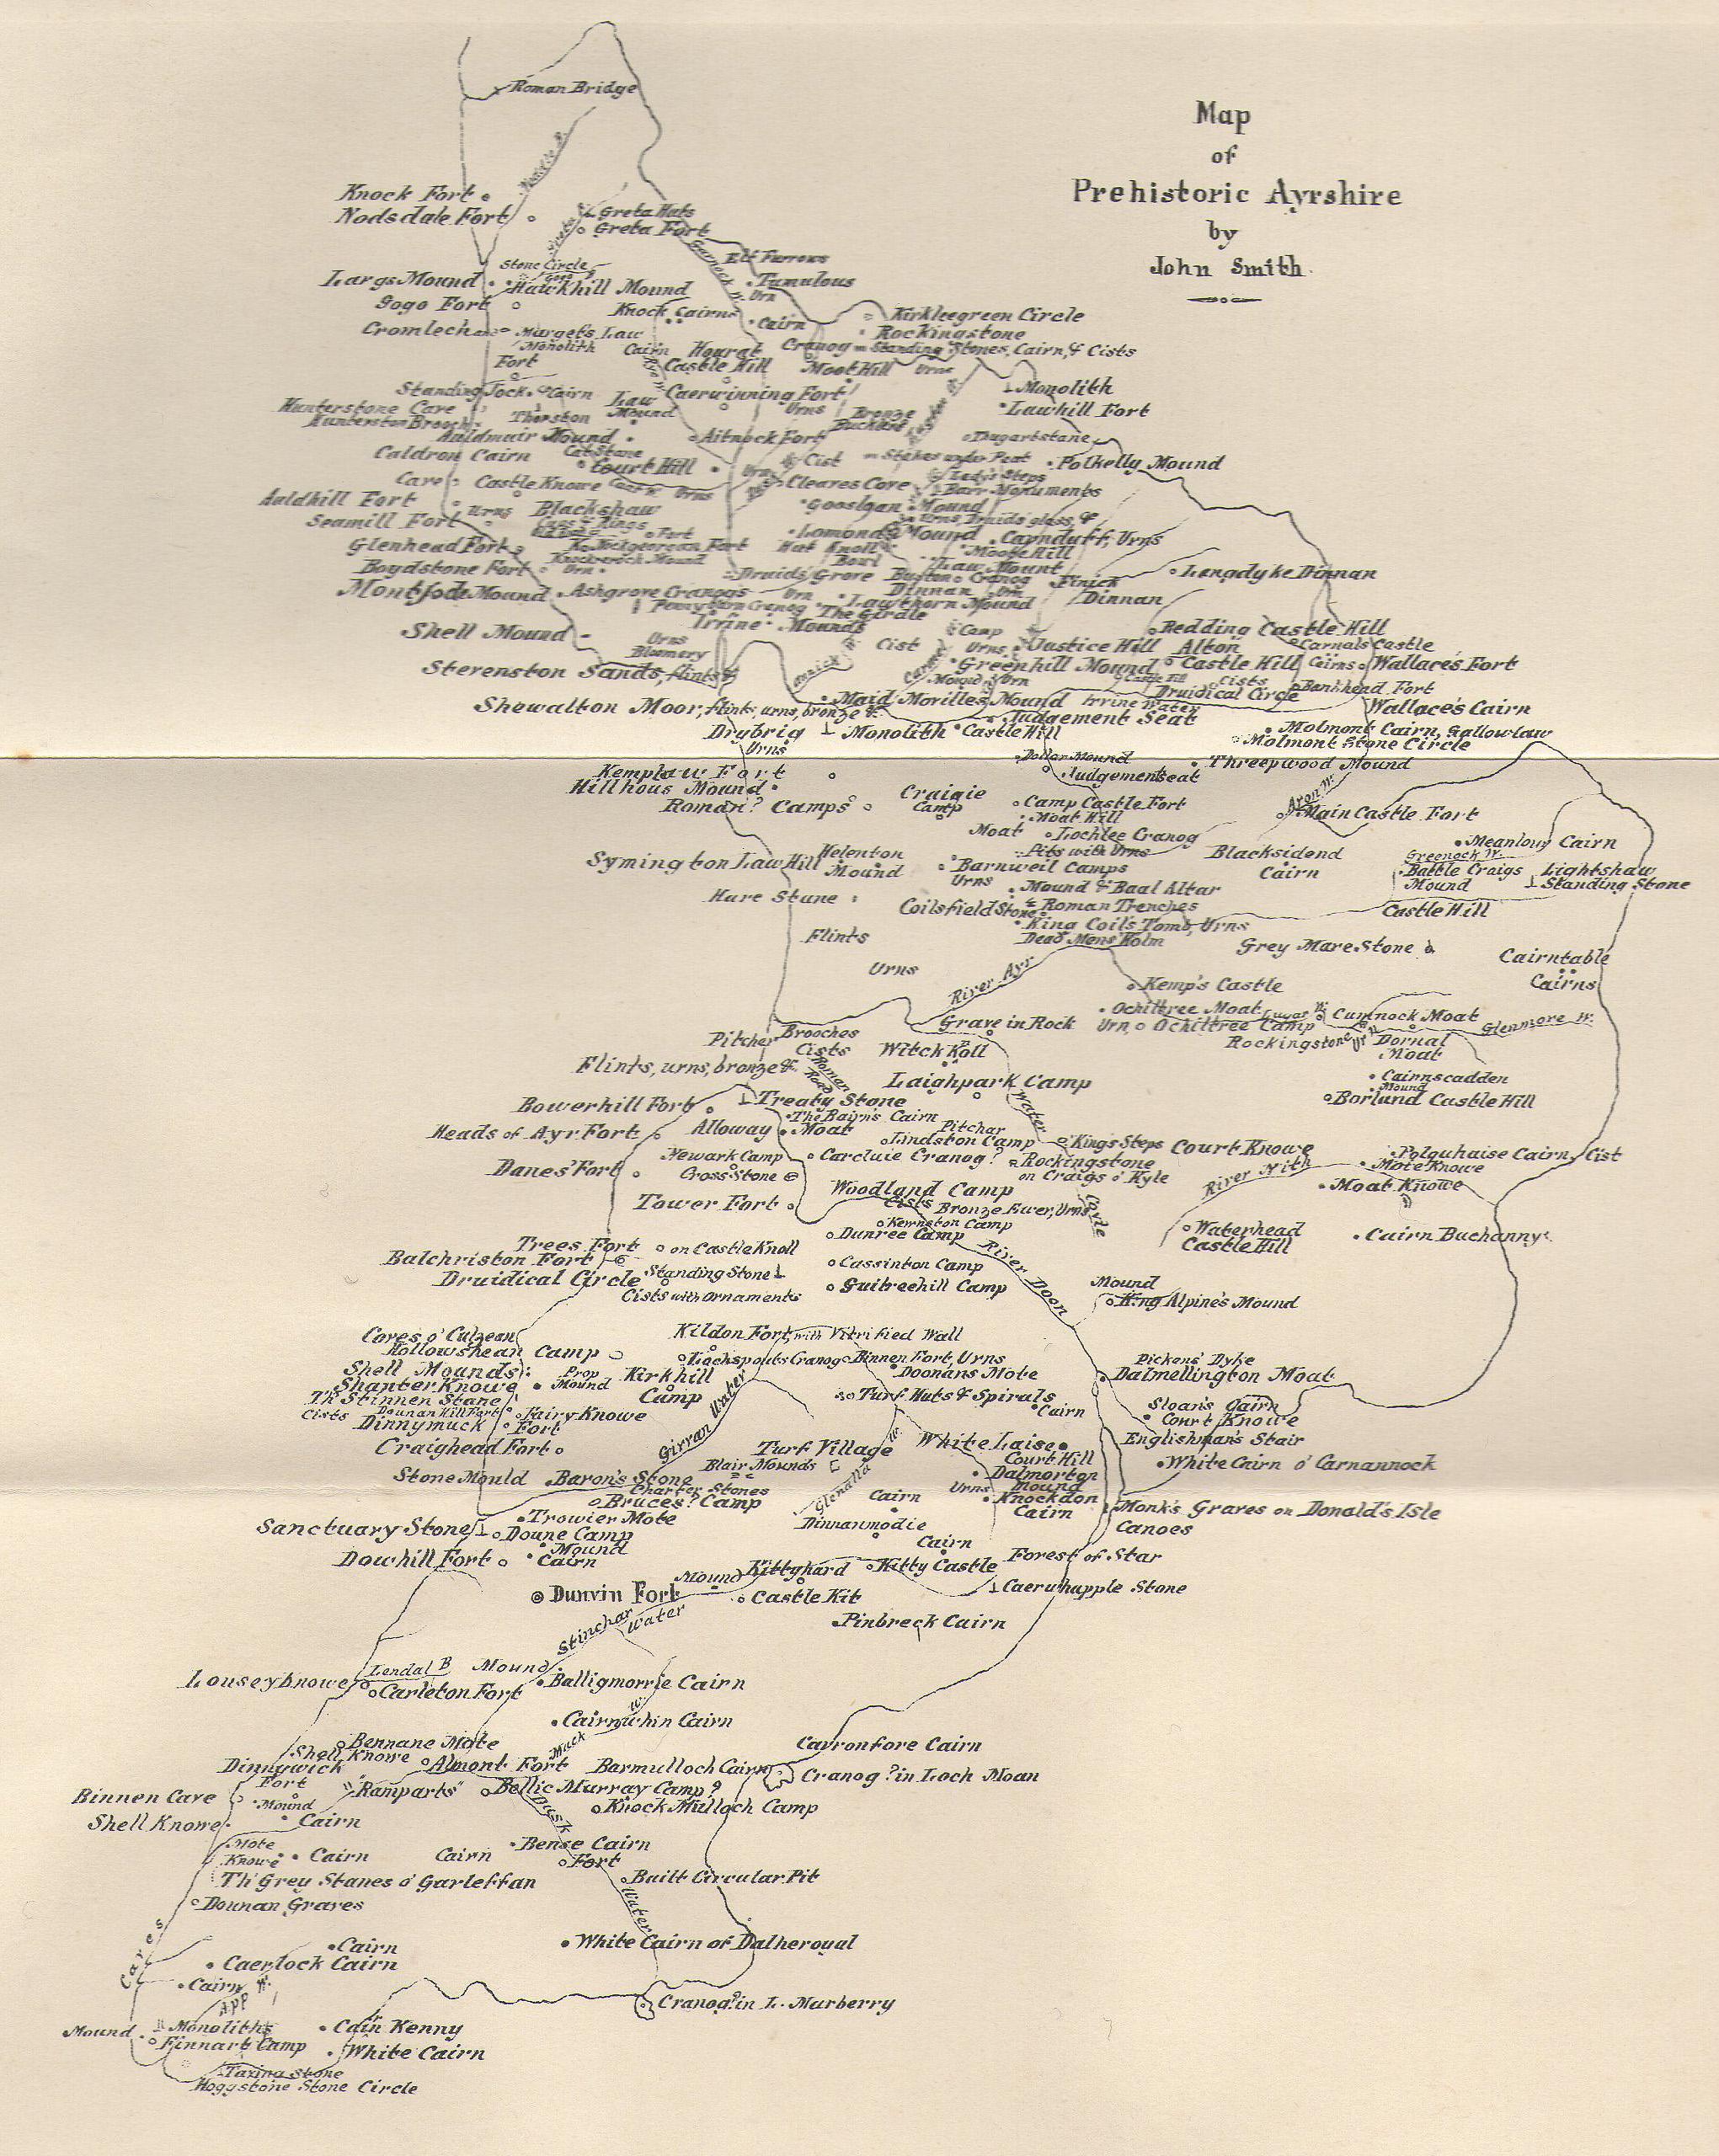 John Smith's 1895 map